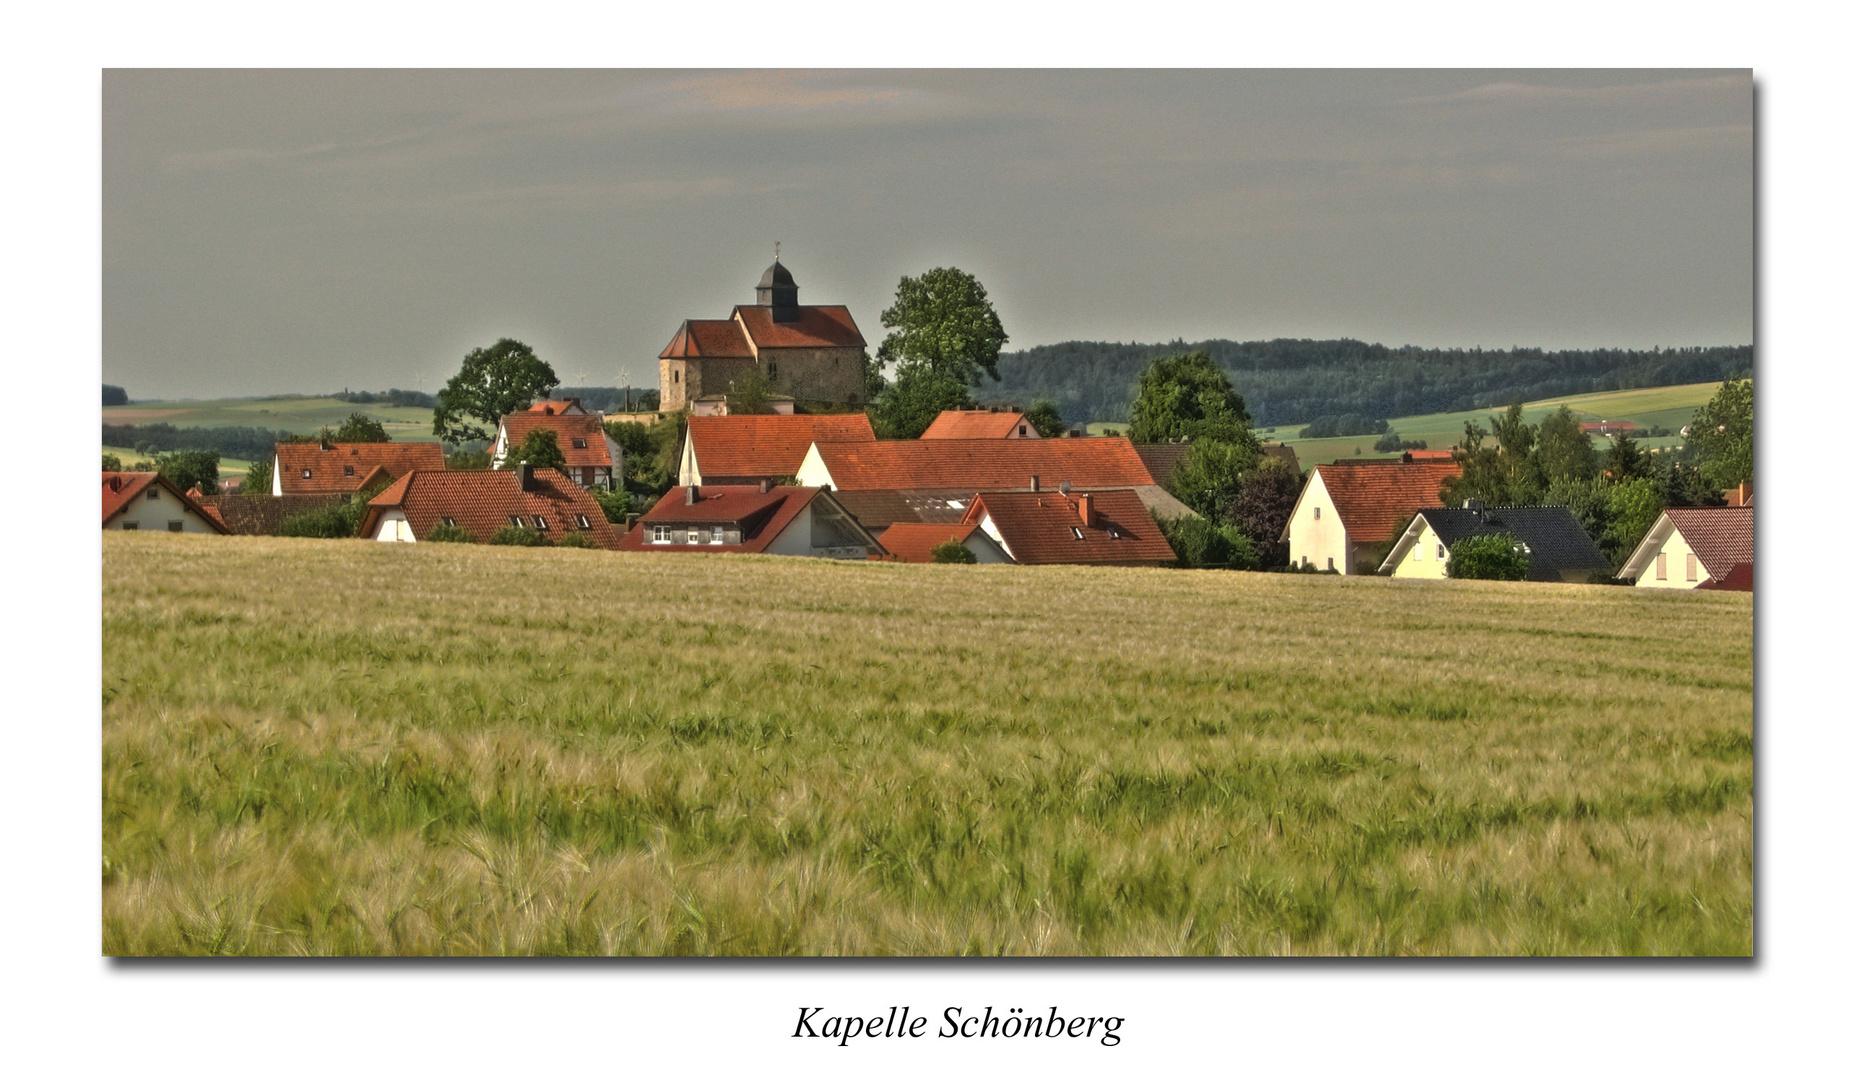 Kapelle Schönberg